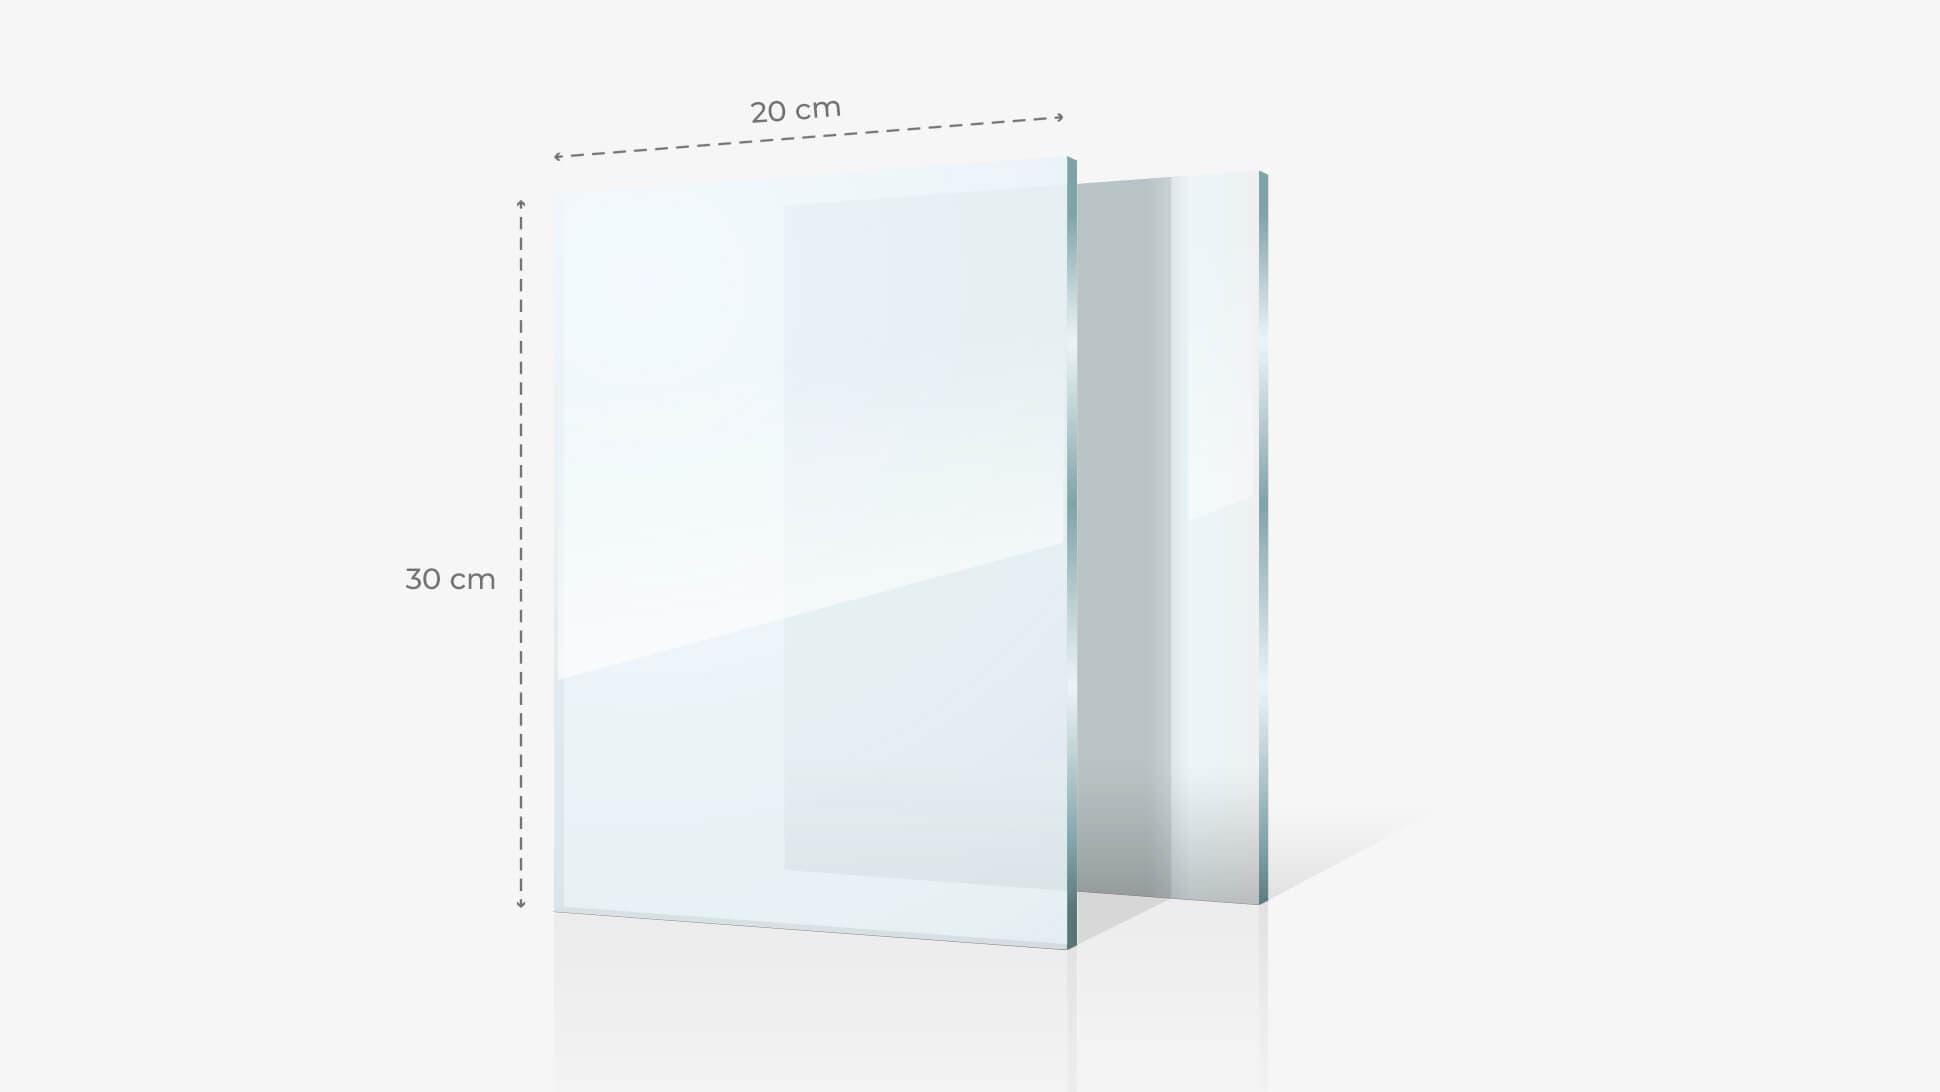 Foto su vetro acrilico 20x30 cm | tictac.it